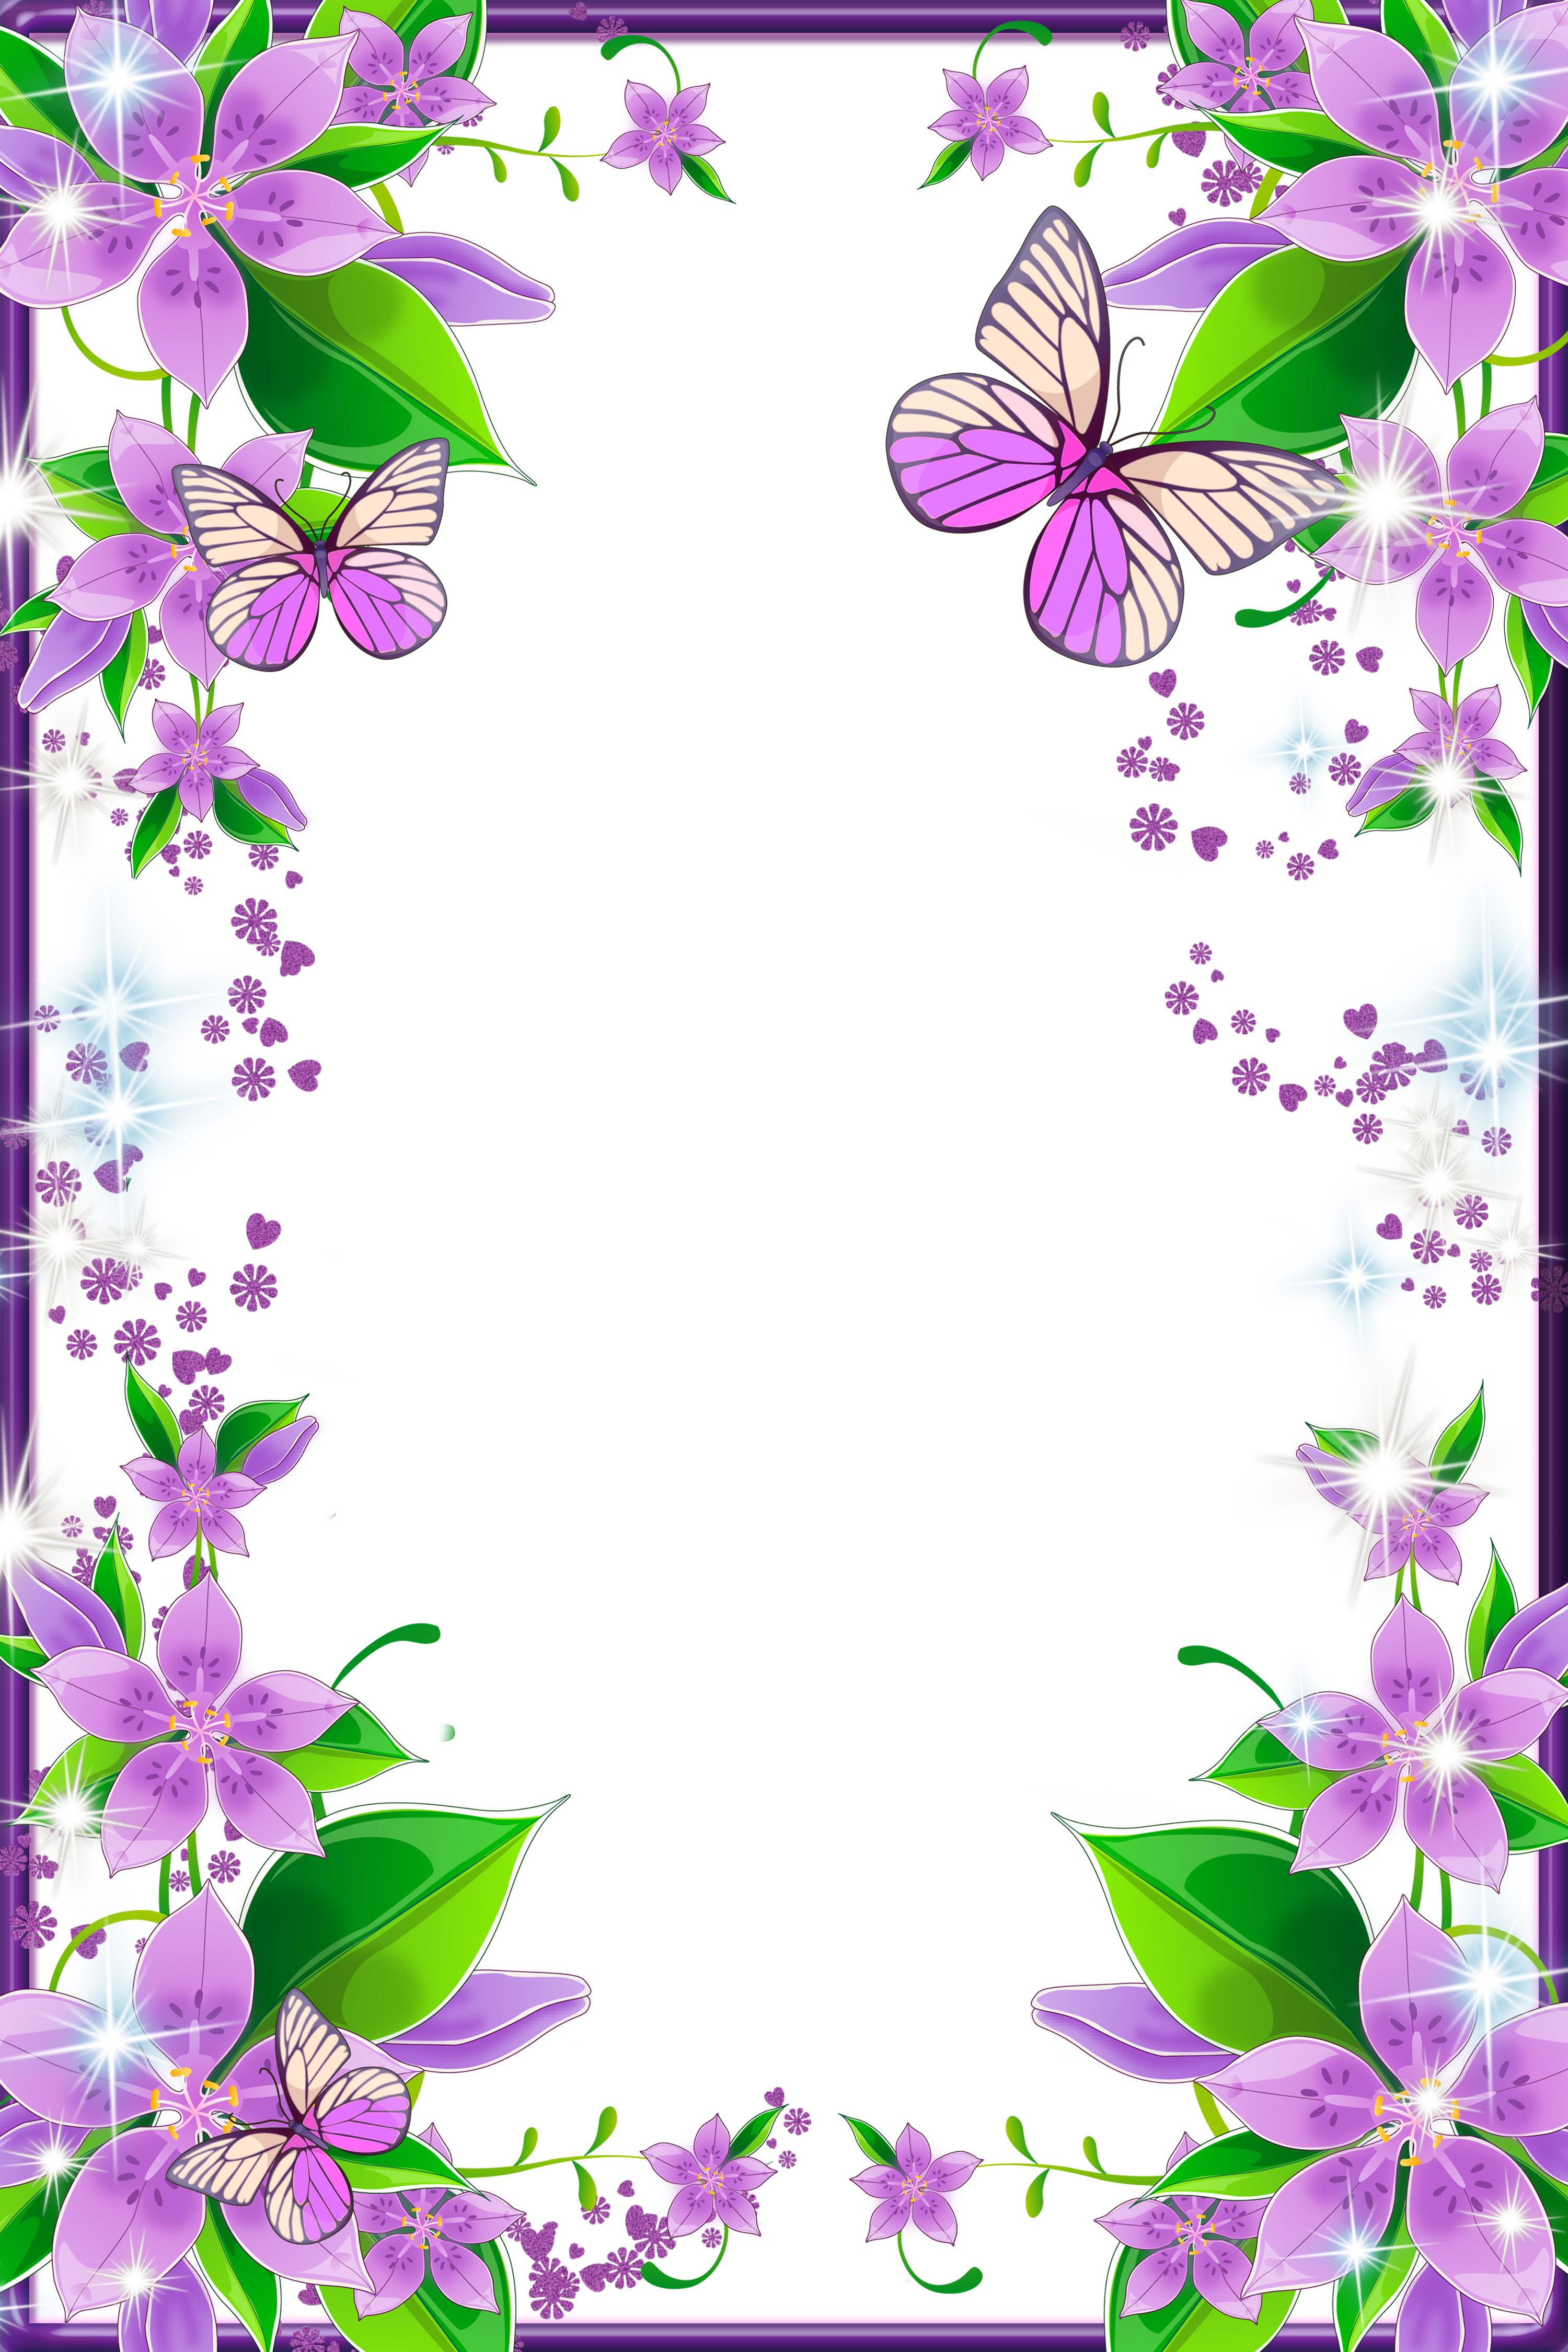 Картинка с рамкой для текста цветы, картинки экономить